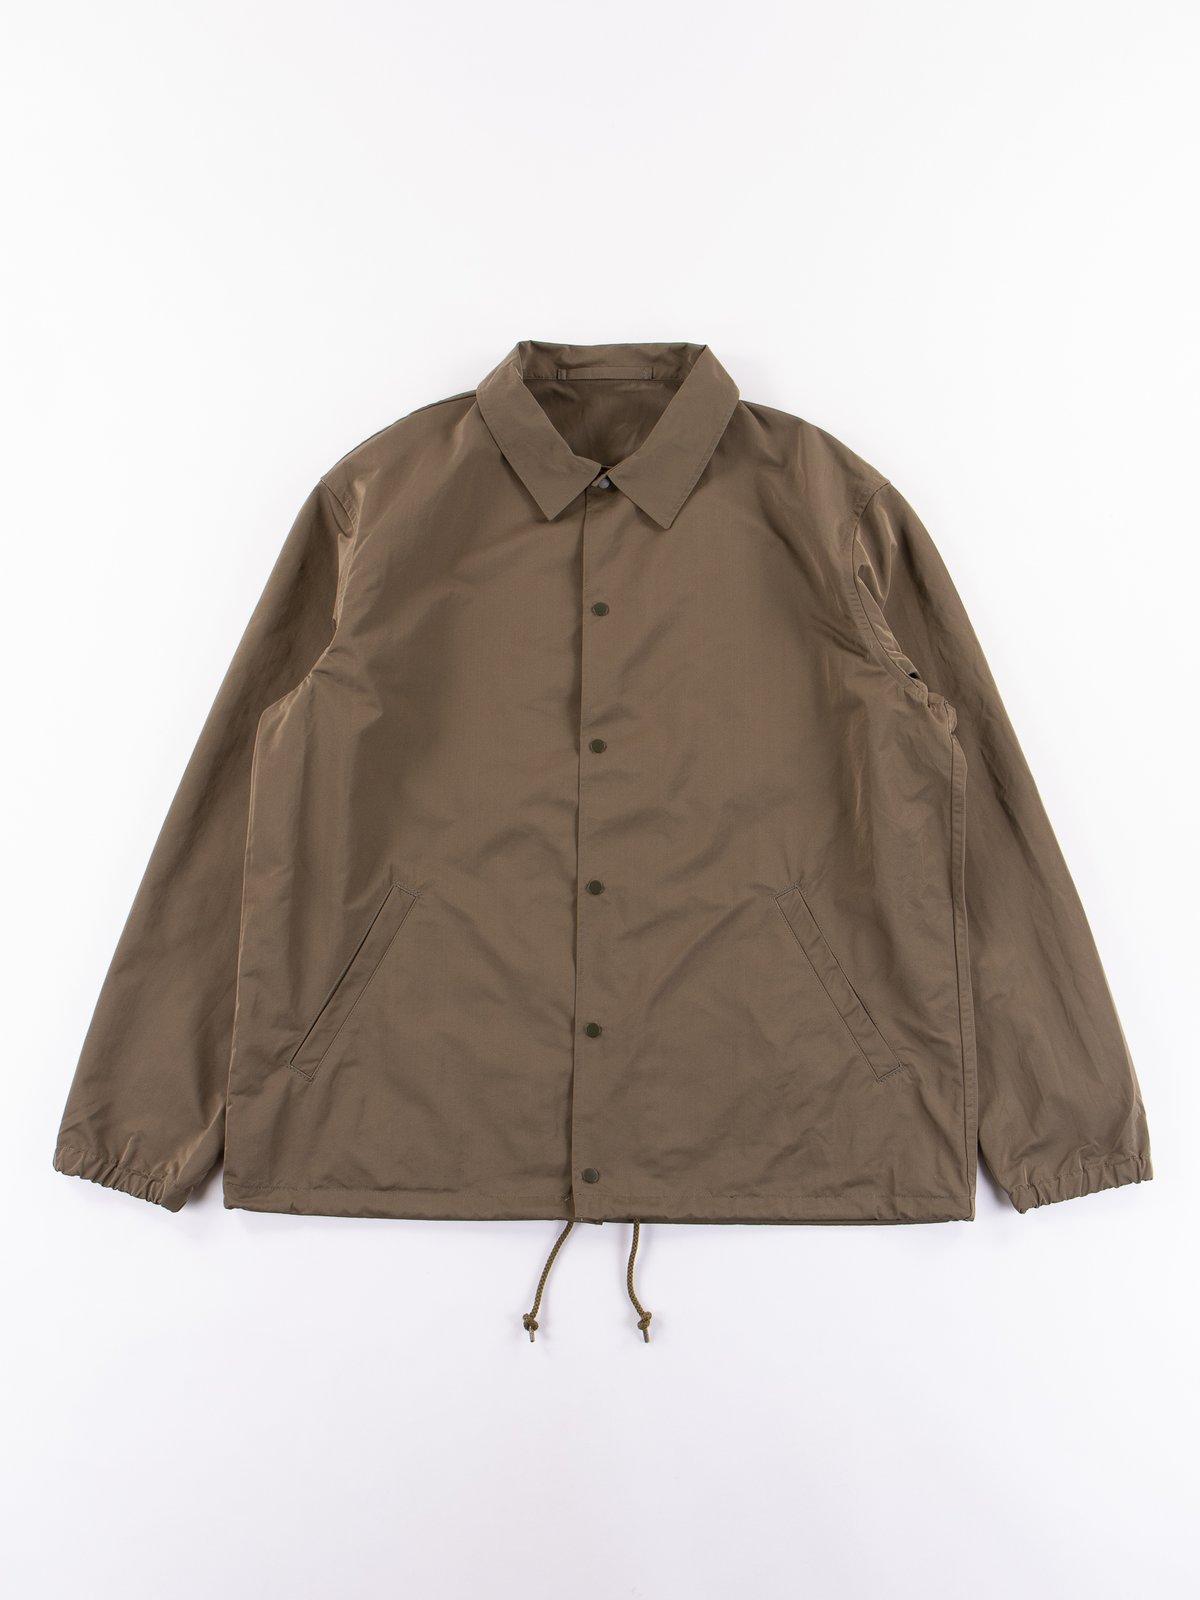 Khaki Coach Jacket - Image 1